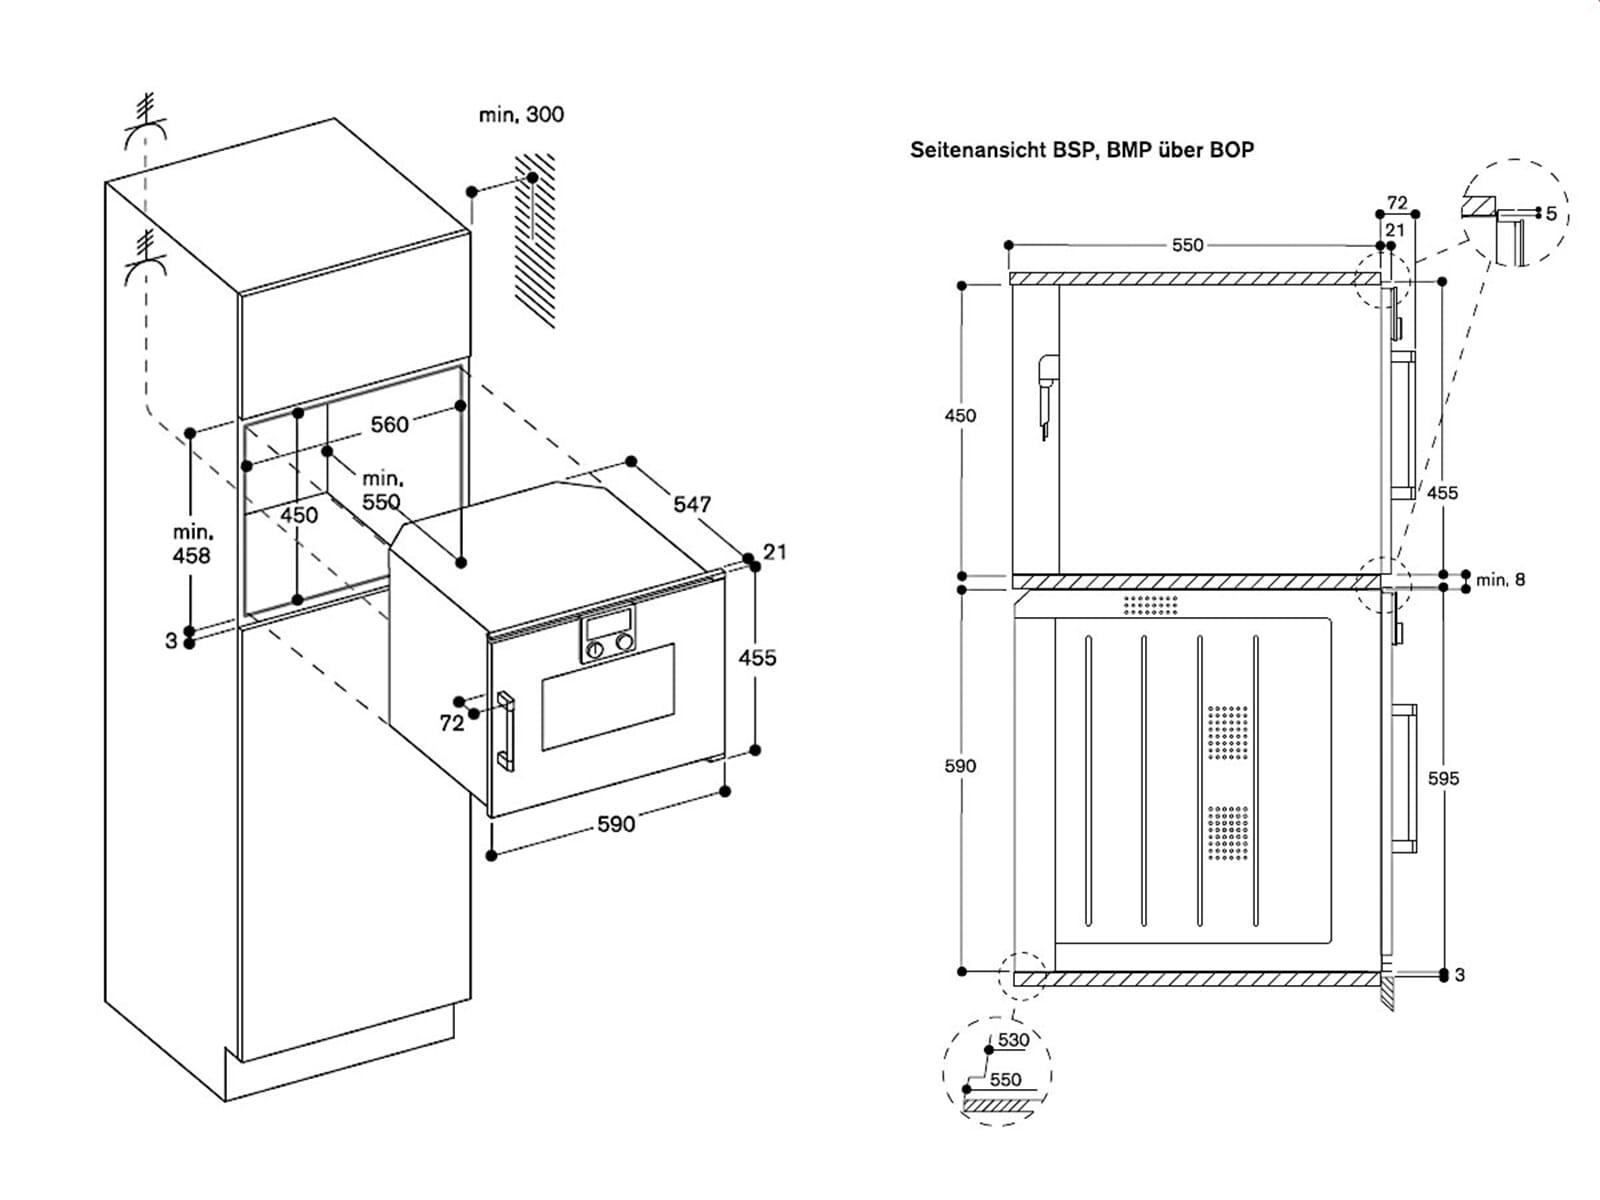 Gaggenau BSP 251 100 Dampfbackofen Serie 200 Anthrazit